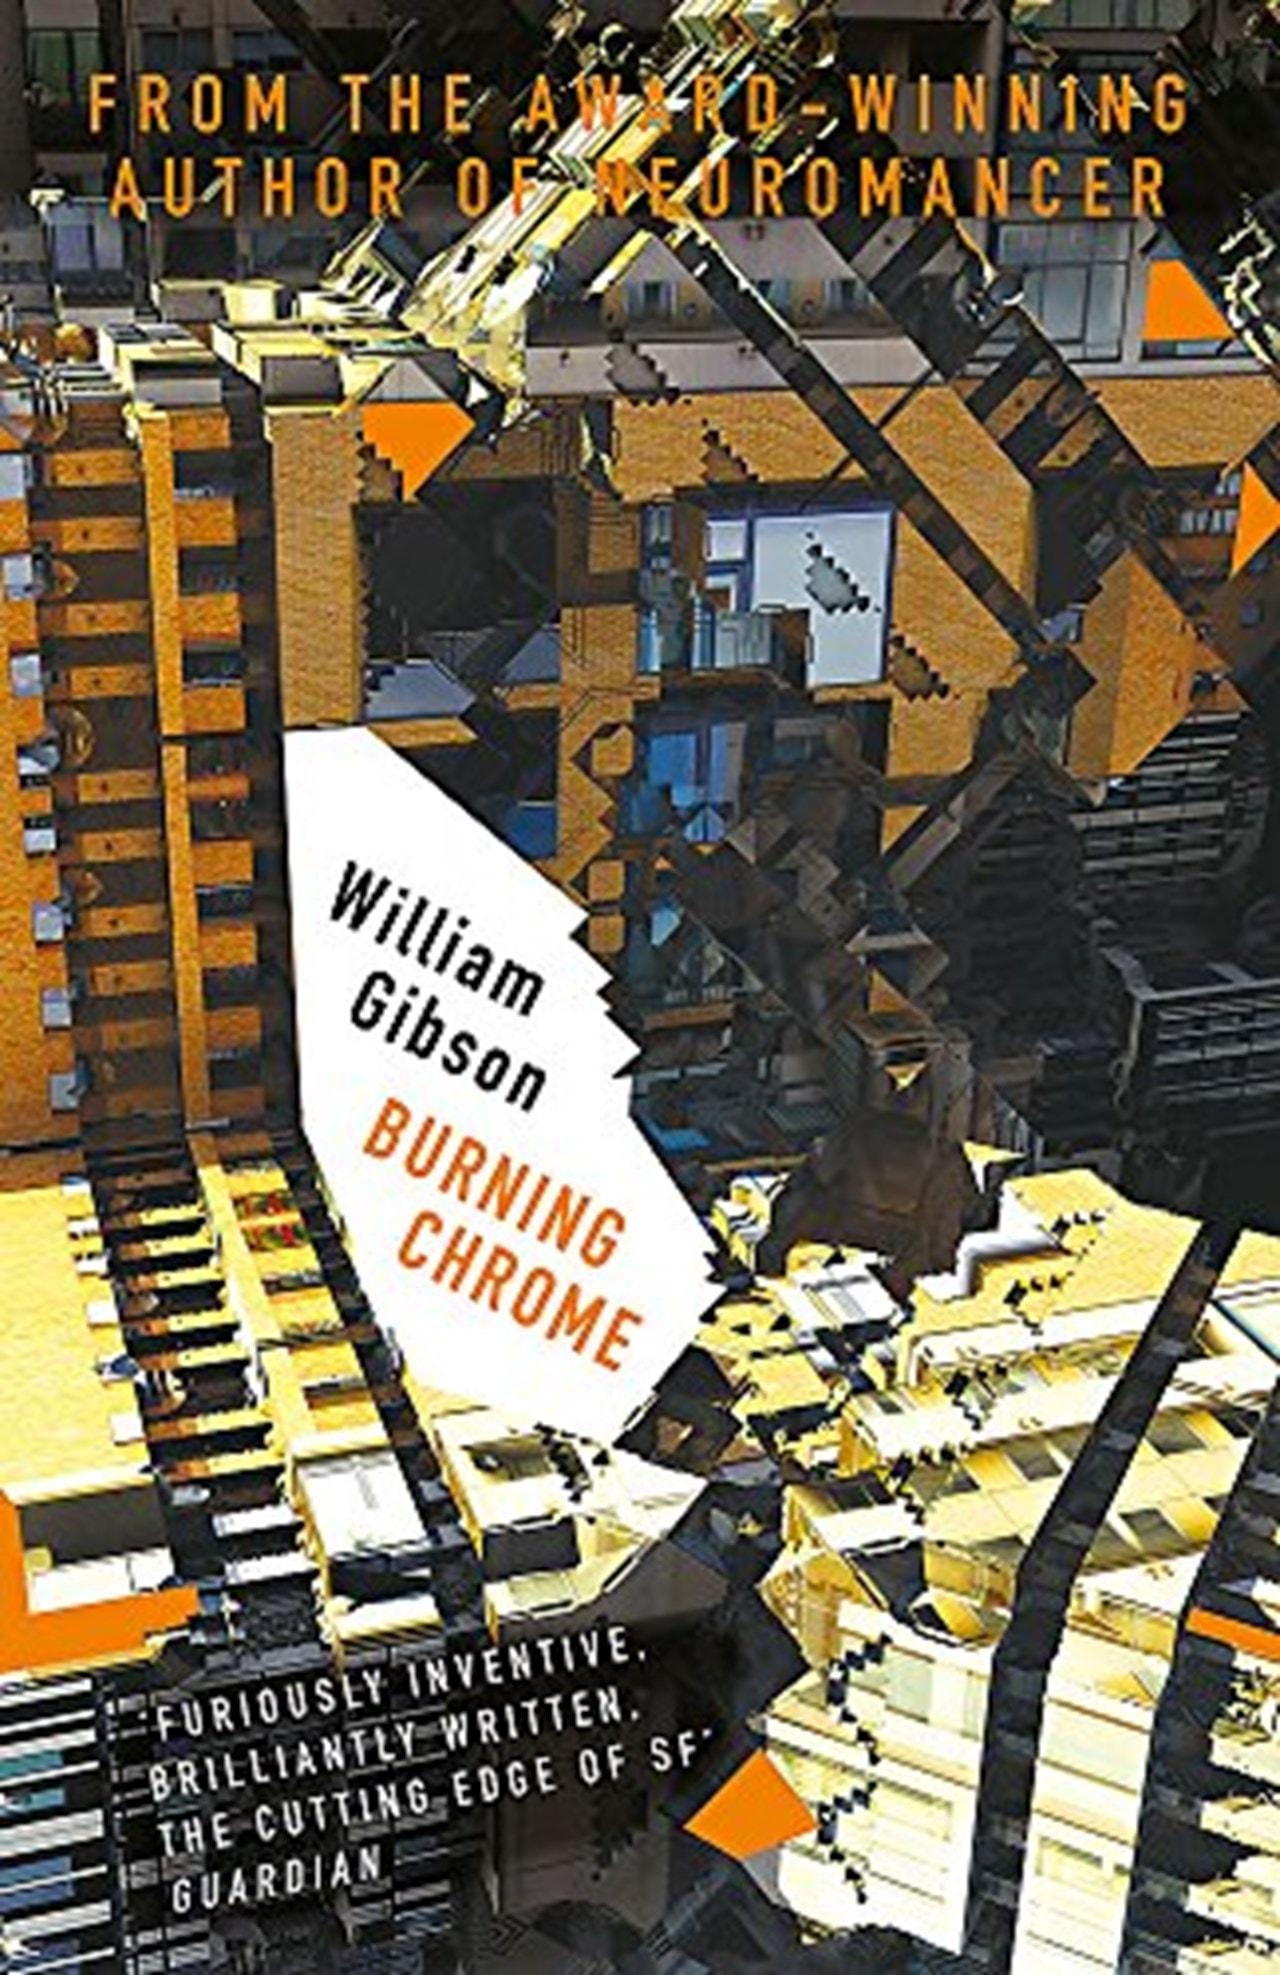 Burning Chrome - 1